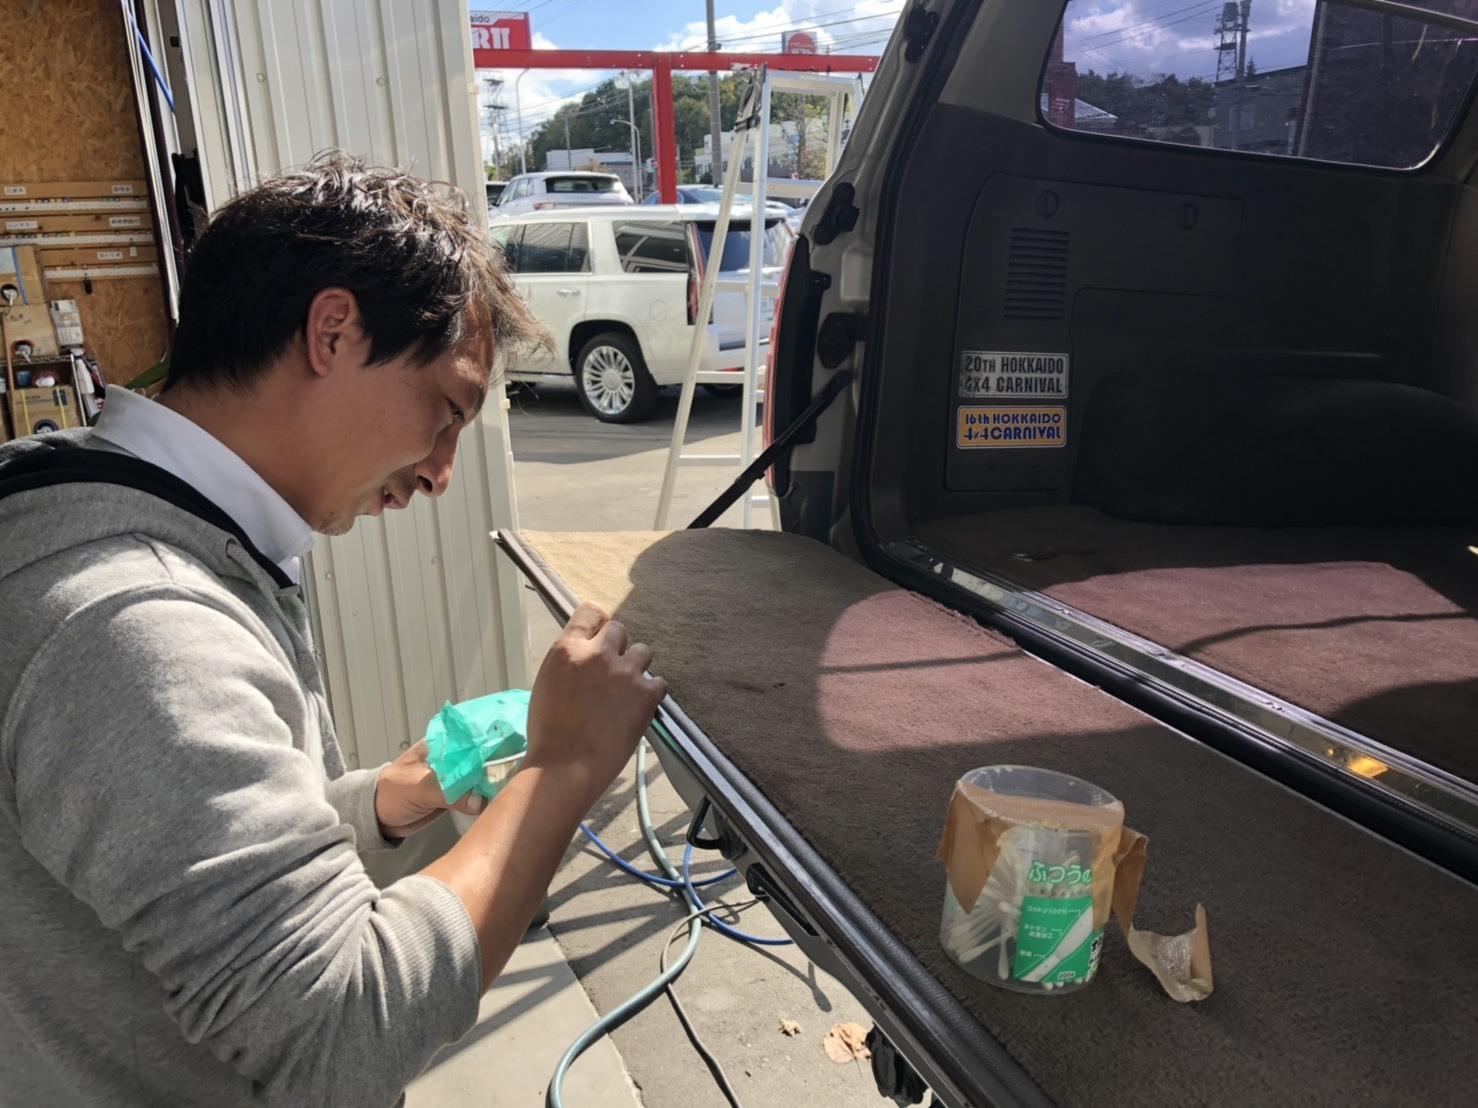 10月13日(土)✿ランクル80F様&ベンツSL350A社様納車(゜゜)♡タントK様ご成約(^^)/_b0127002_18203172.jpg